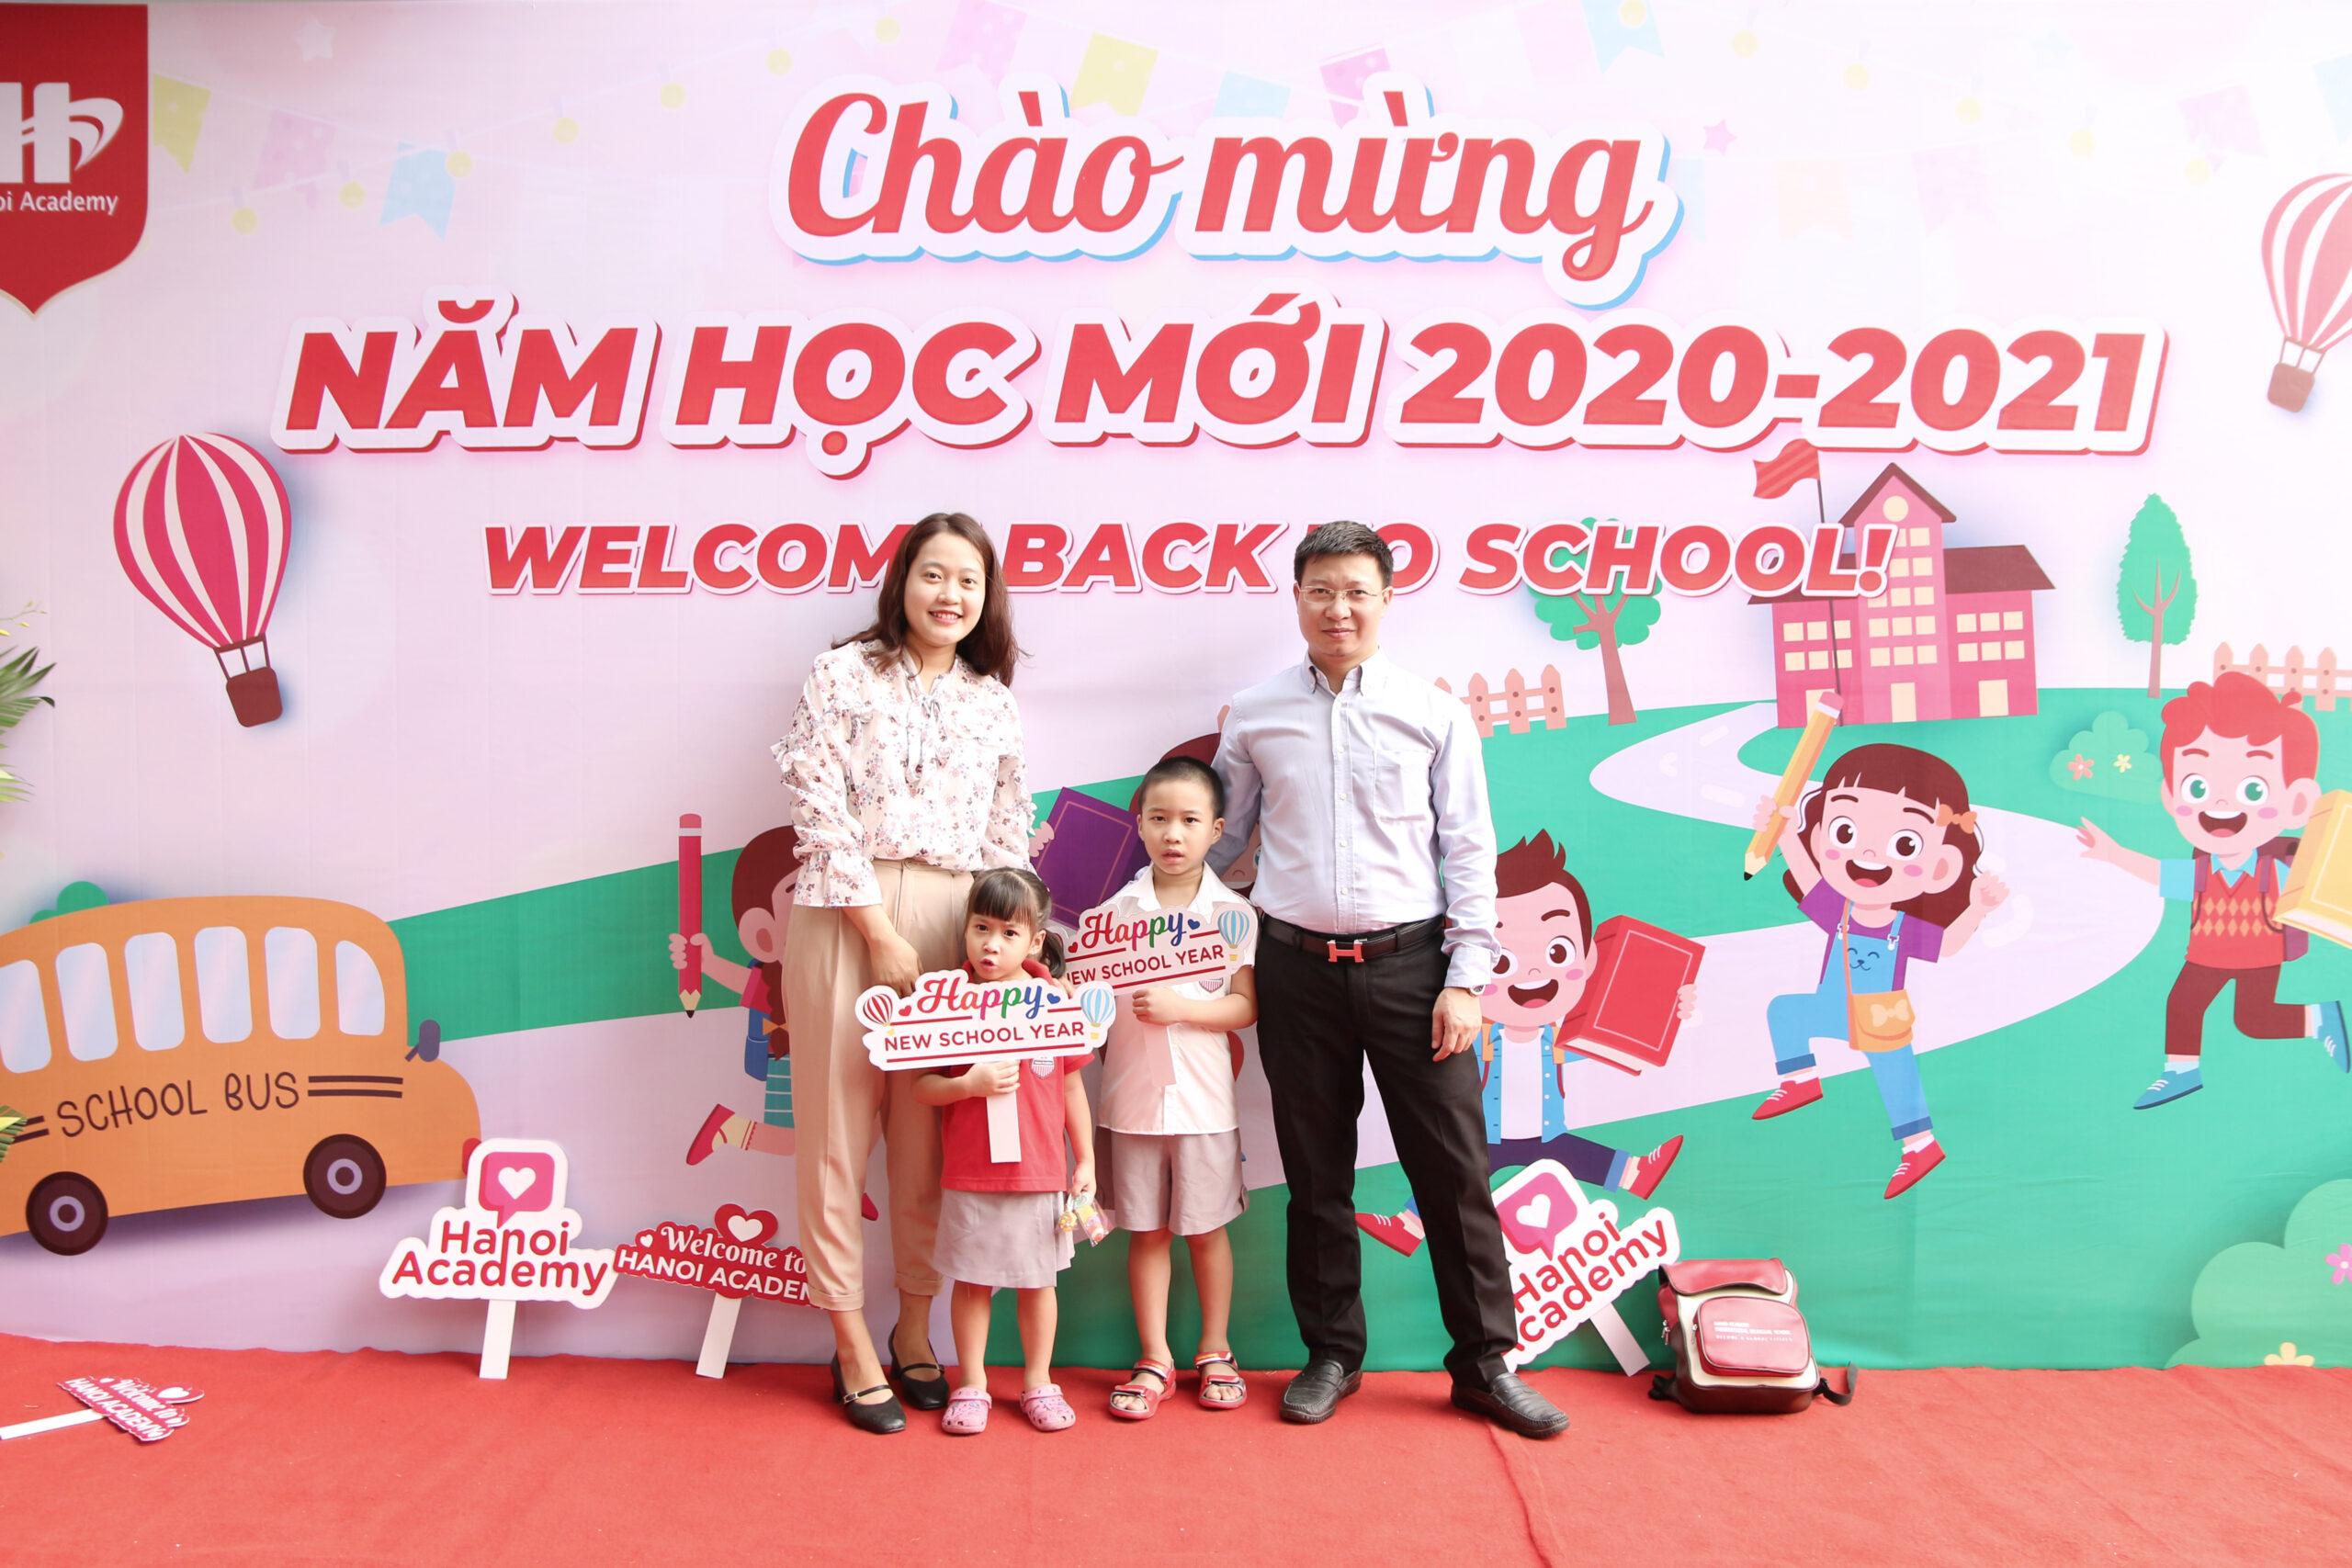 ngày tựu trường Ngắm nhìn những hình ảnh đẹp ngày tựu trường tại Hanoi Academy